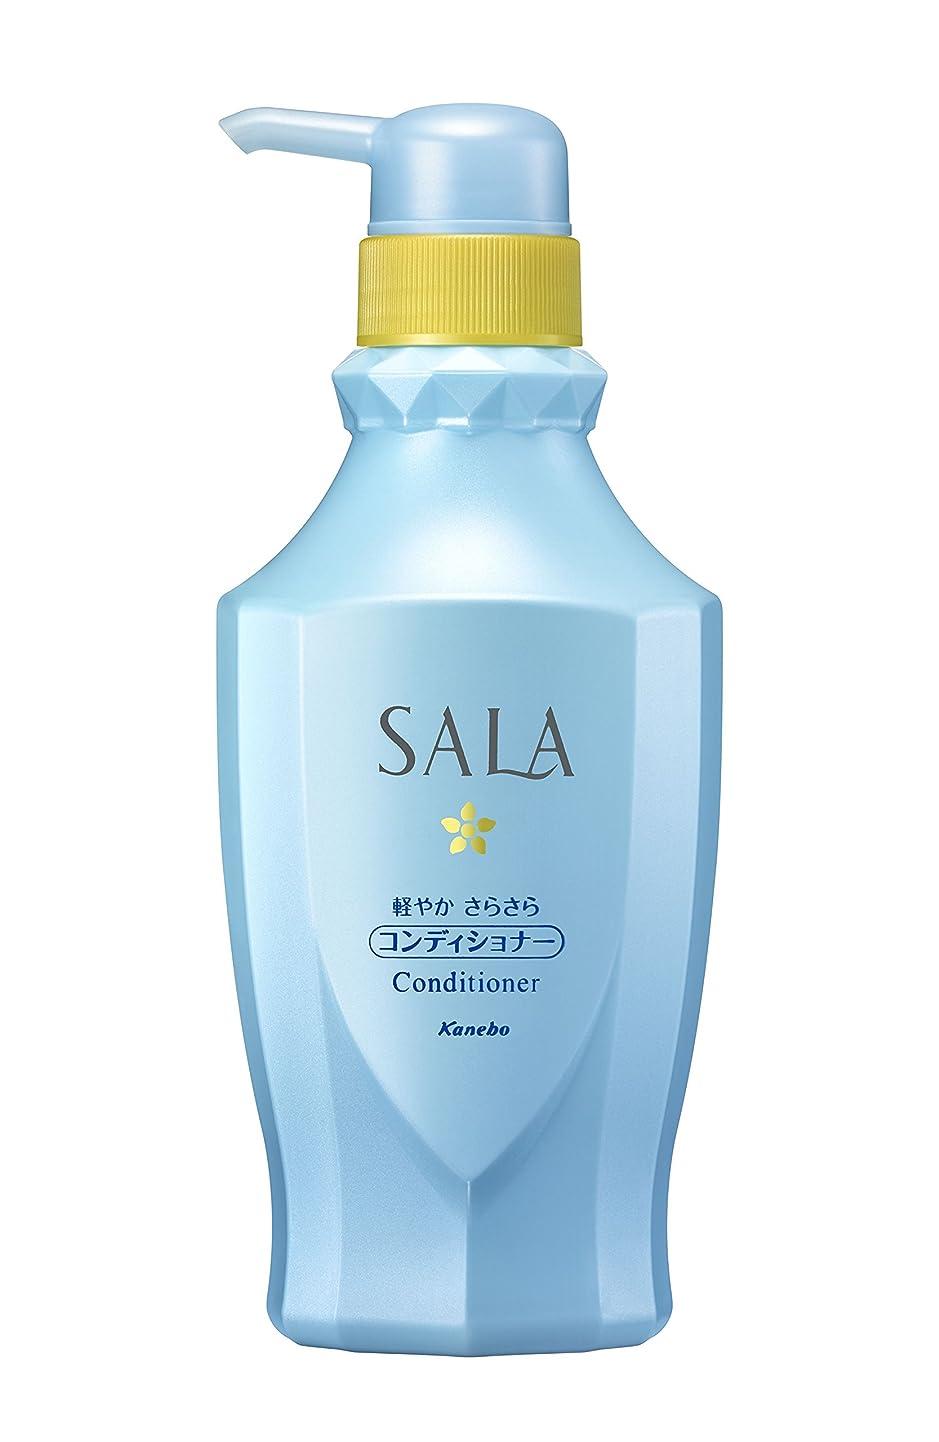 つかの間浅い綺麗なサラ コンディショナー 軽やかさらさら サラの香り